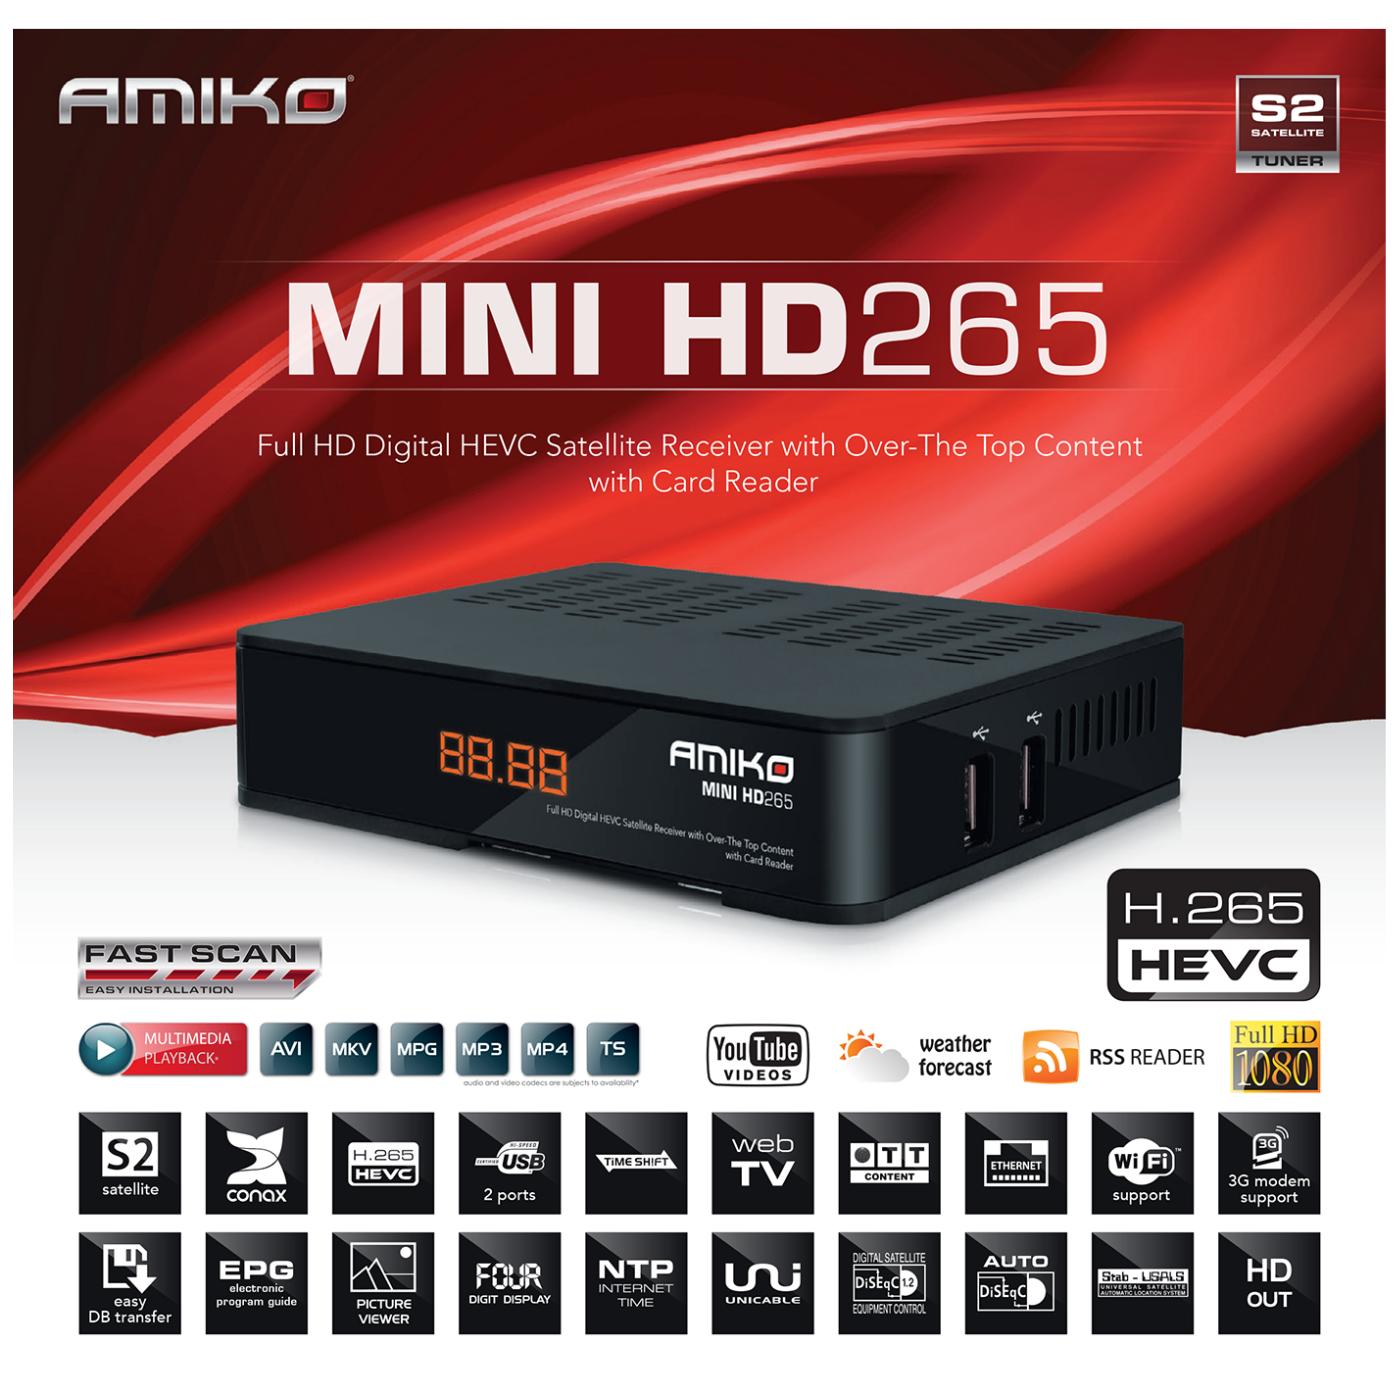 MINI HD265